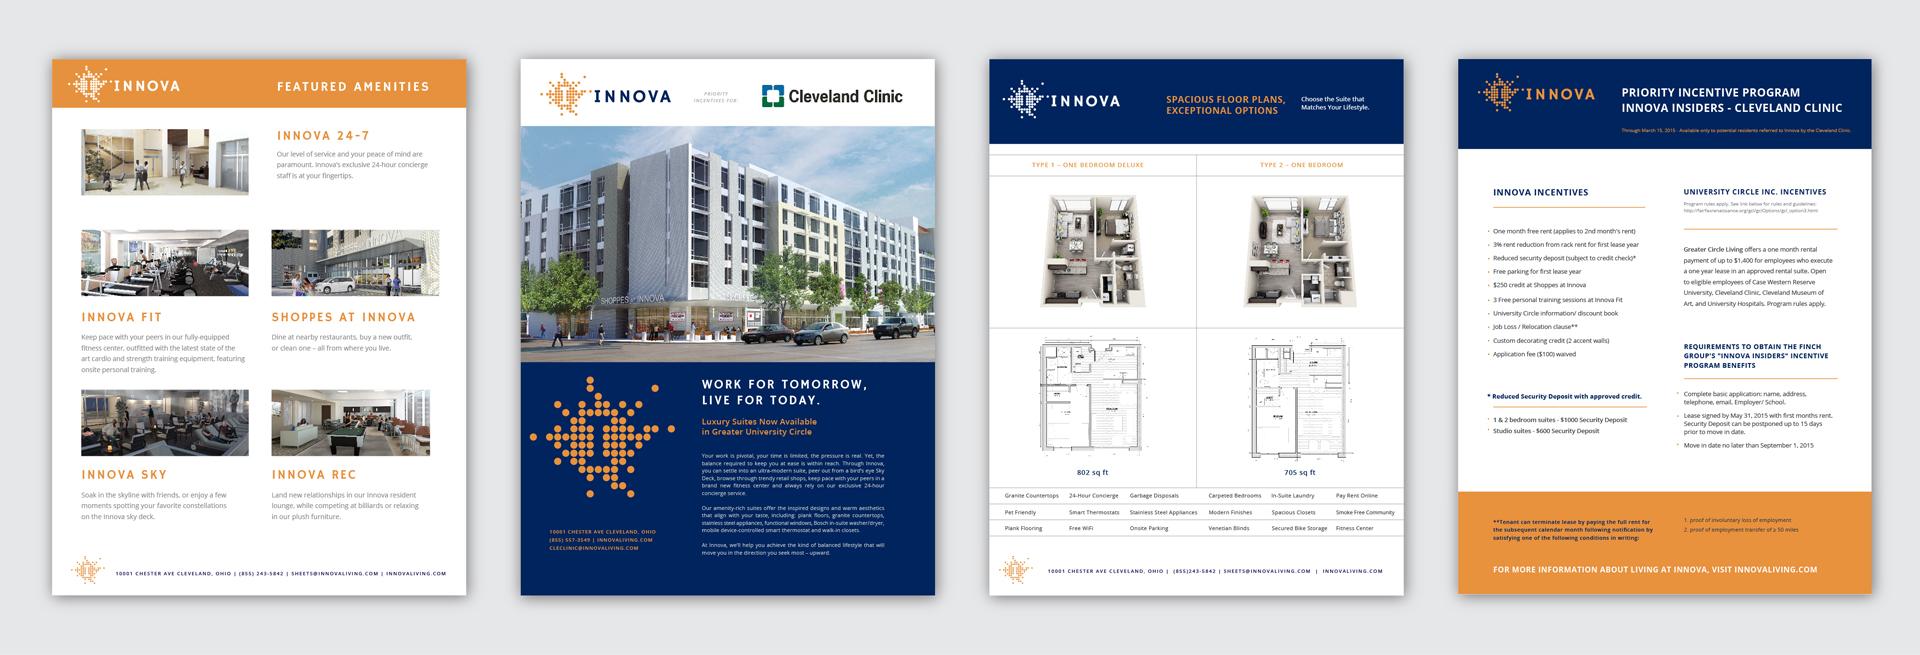 Innova Sell Sheet Designs